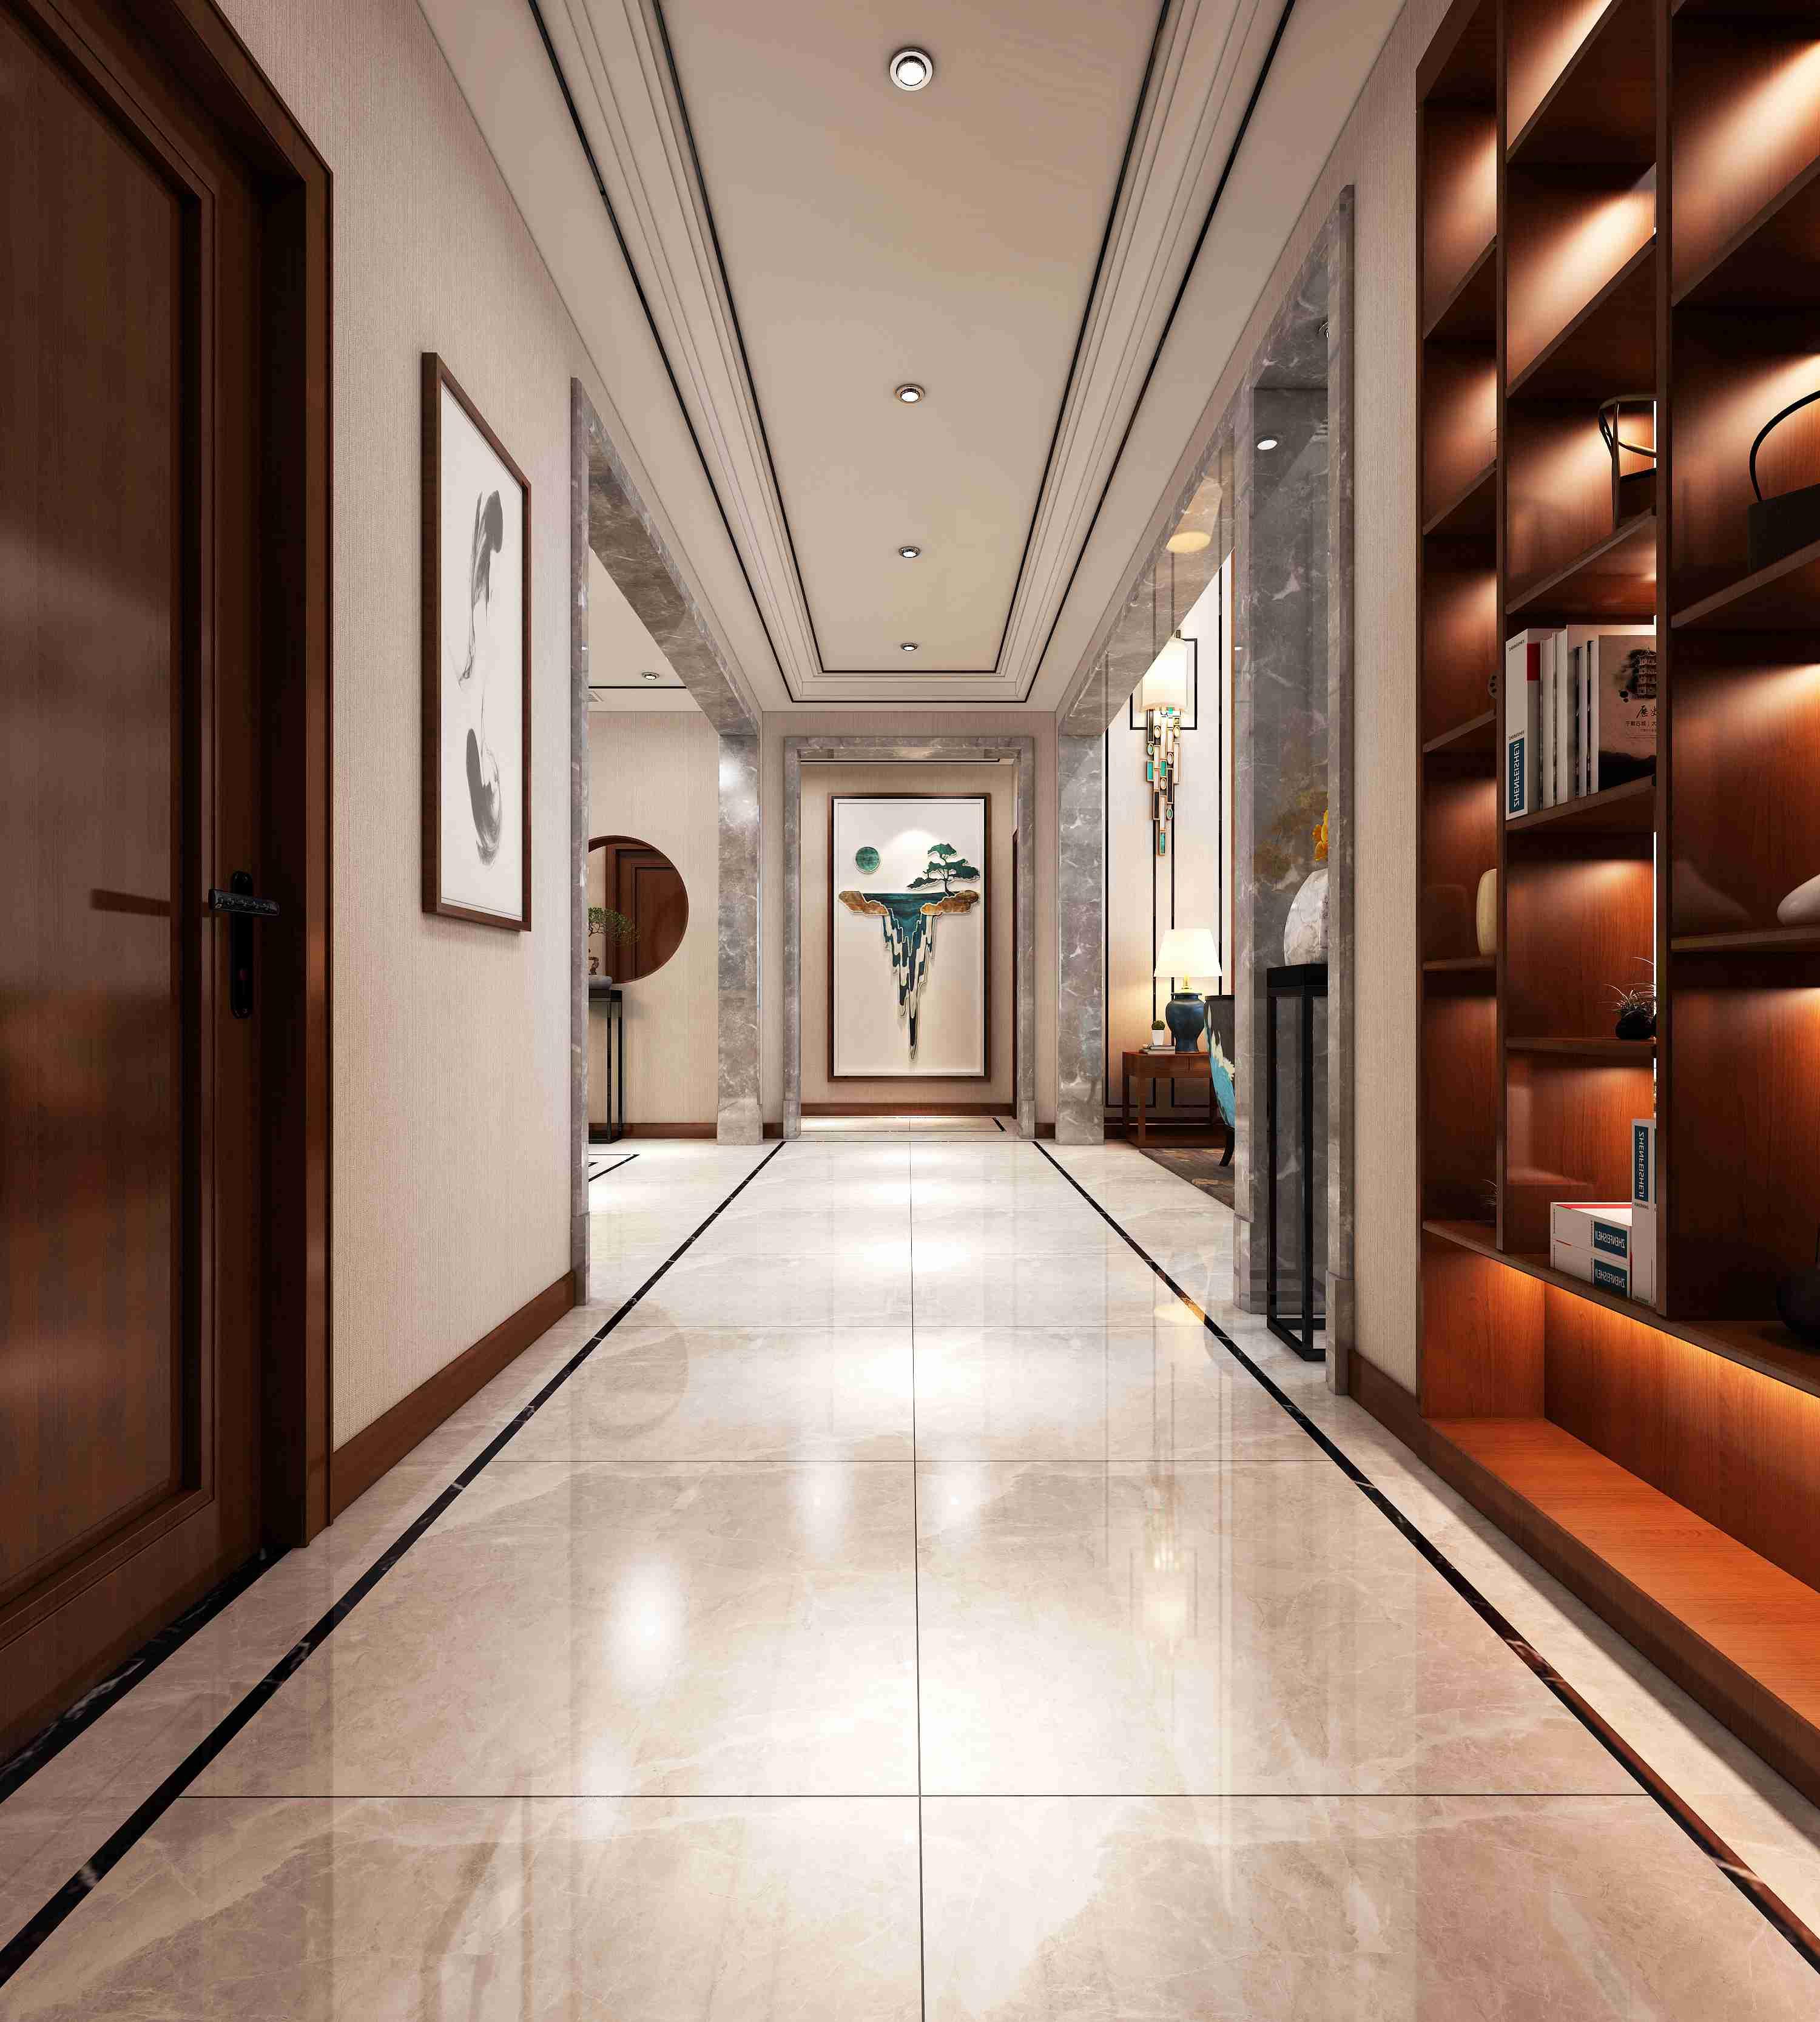 大气而磅礴,低调而有内涵。没有过多的墙面造型,只有淡淡的米灰色麻布纹墙布和淡咖色的地砖为背景色,加入具有神韵的中式传统元素挂画,让整个空间既大气又时尚。